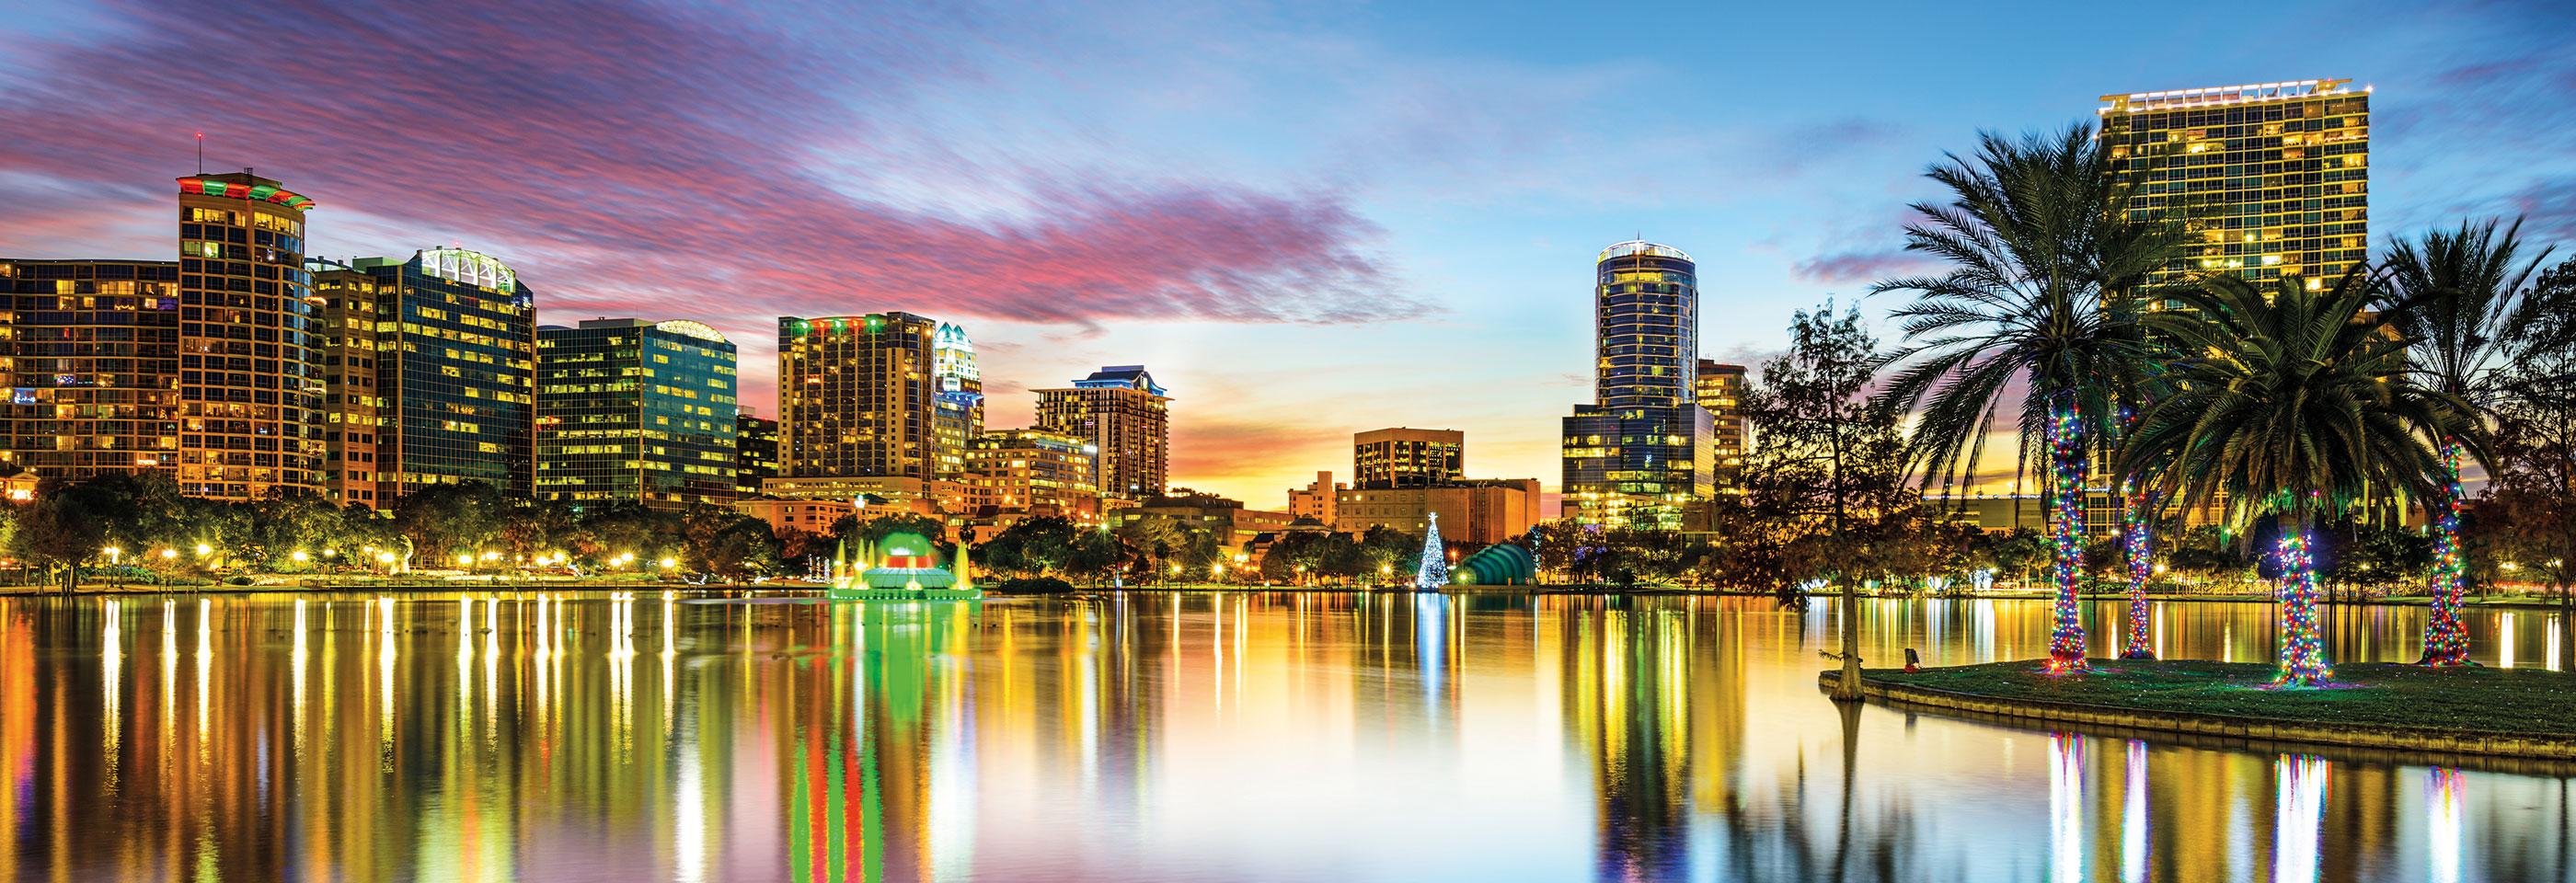 Orlando-header-ok